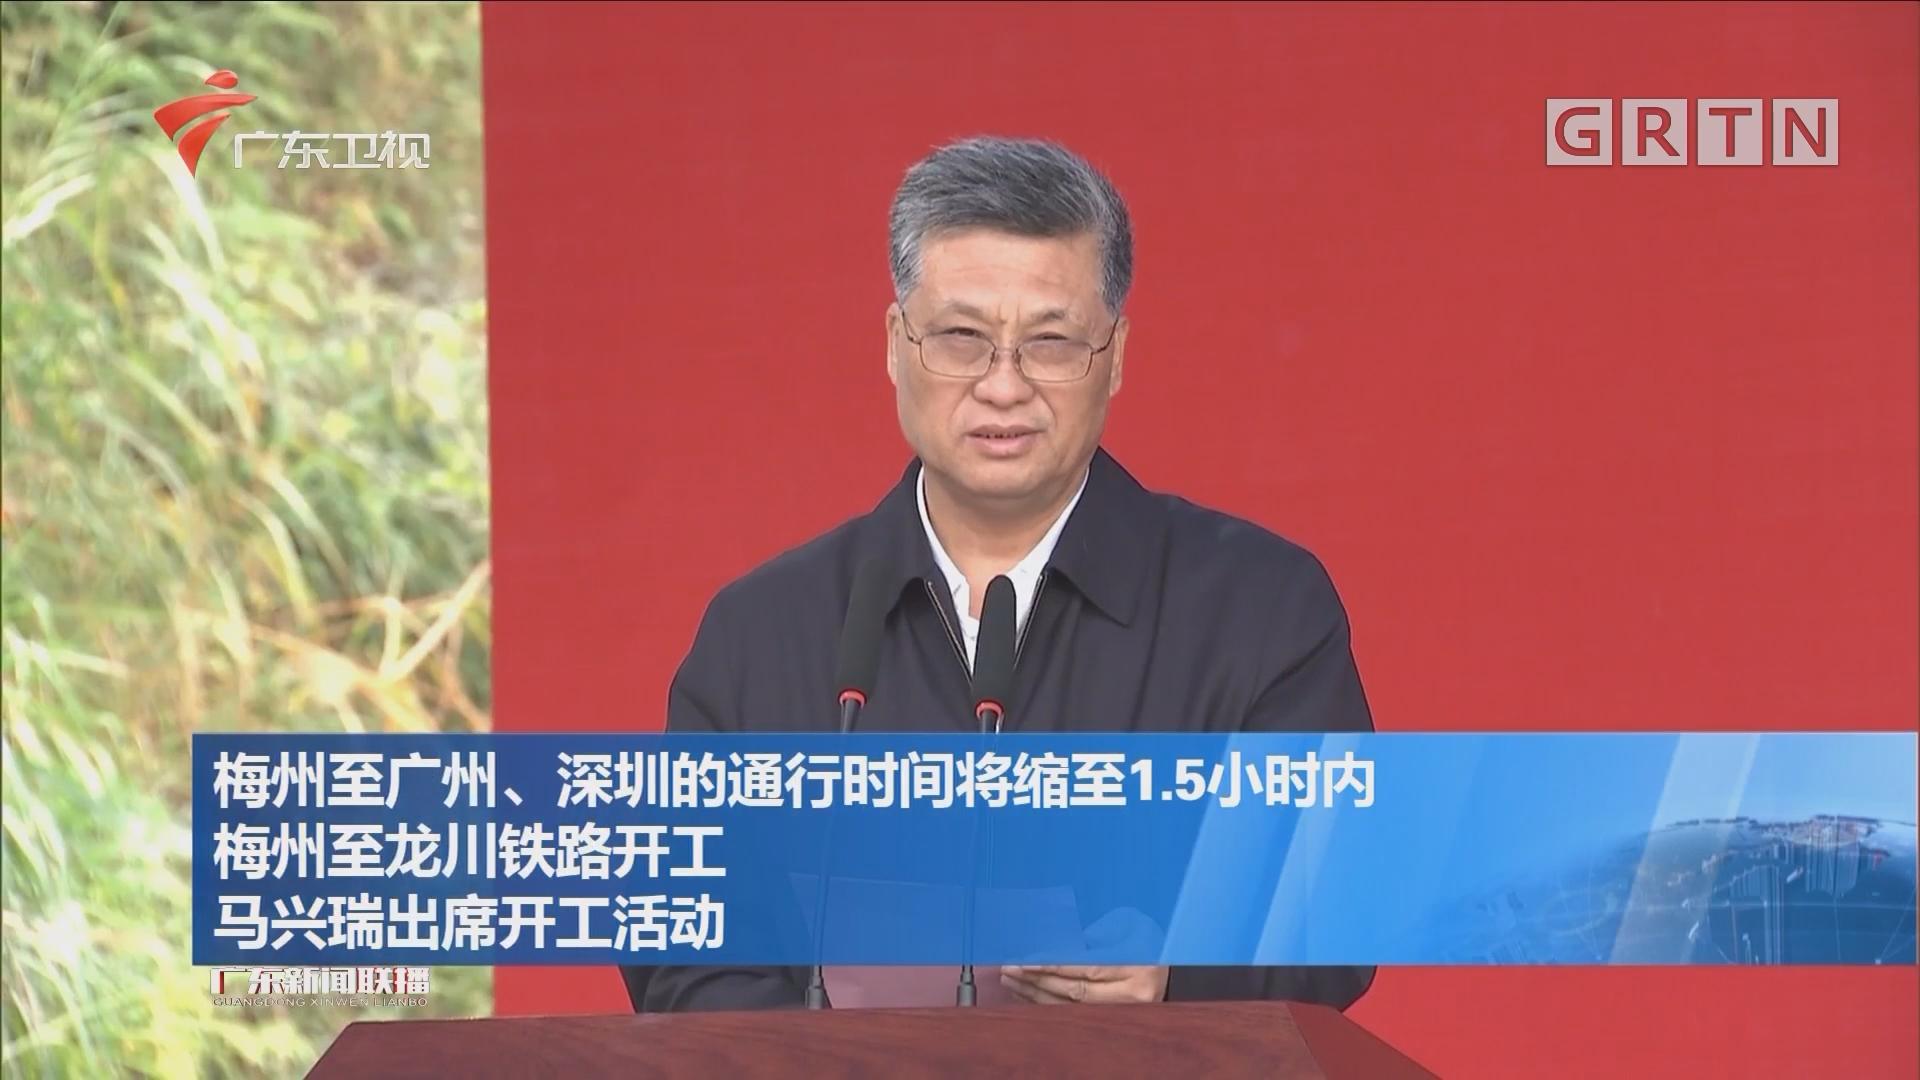 梅州至广州、深圳的通行时间将缩至1.5小时内 梅州至龙川铁路开工 马兴瑞出席开工活动